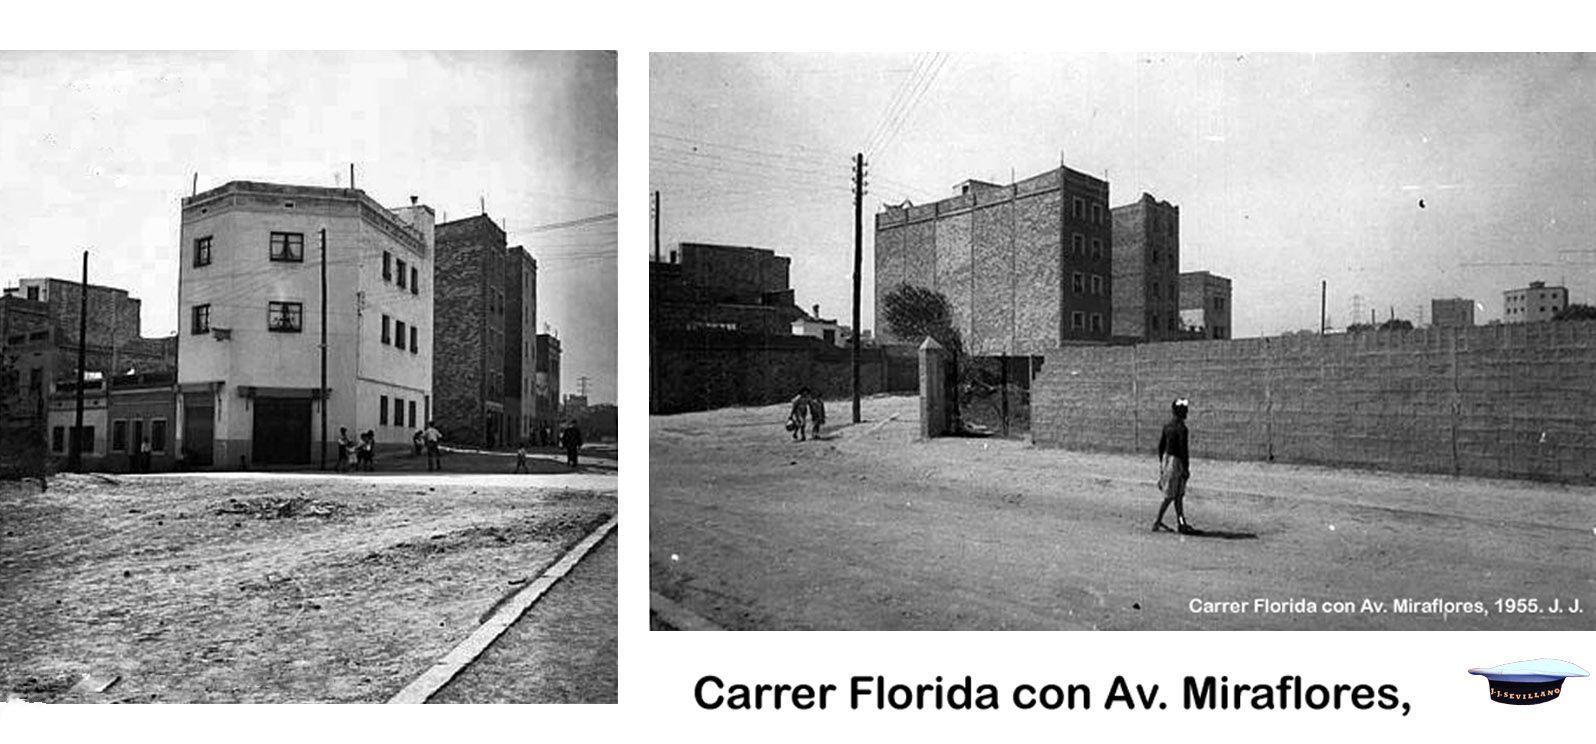 Carrer Florida Con Miraflores